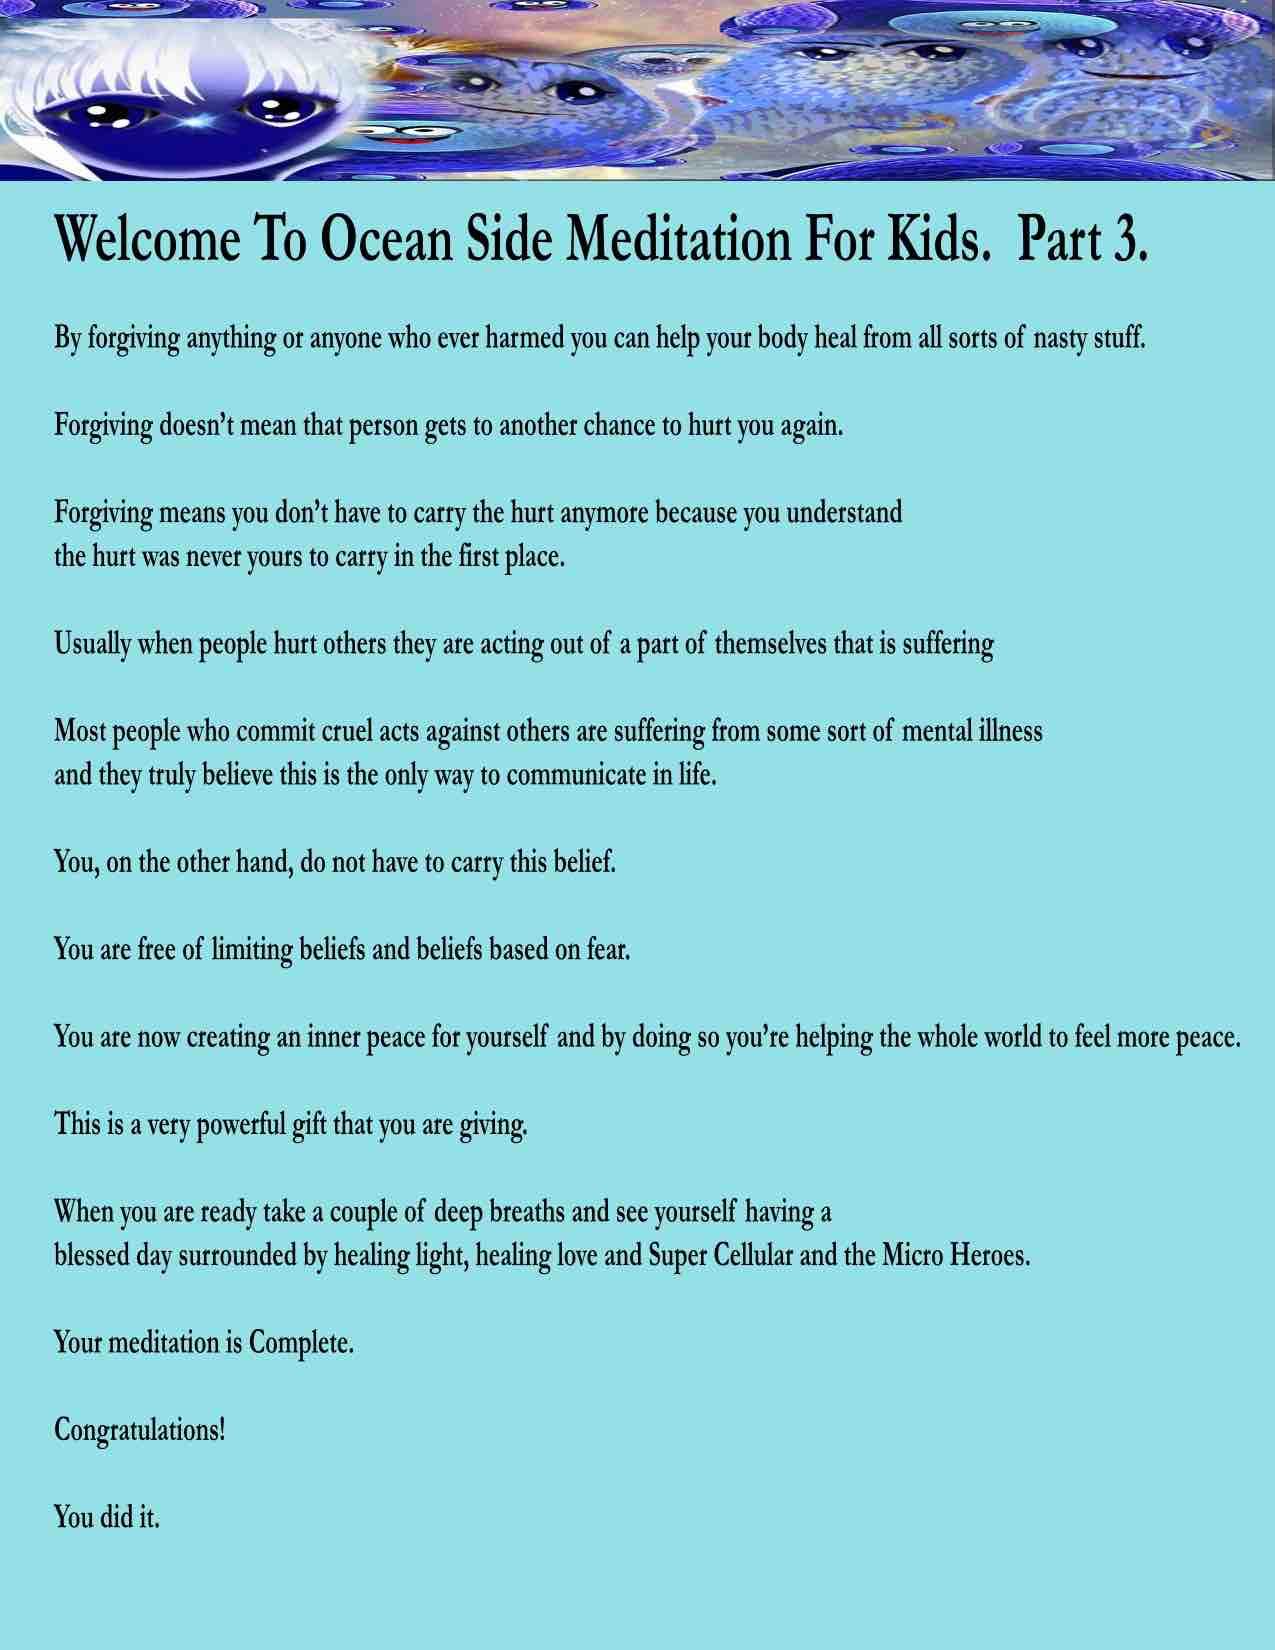 OCEAN Meditation part 3